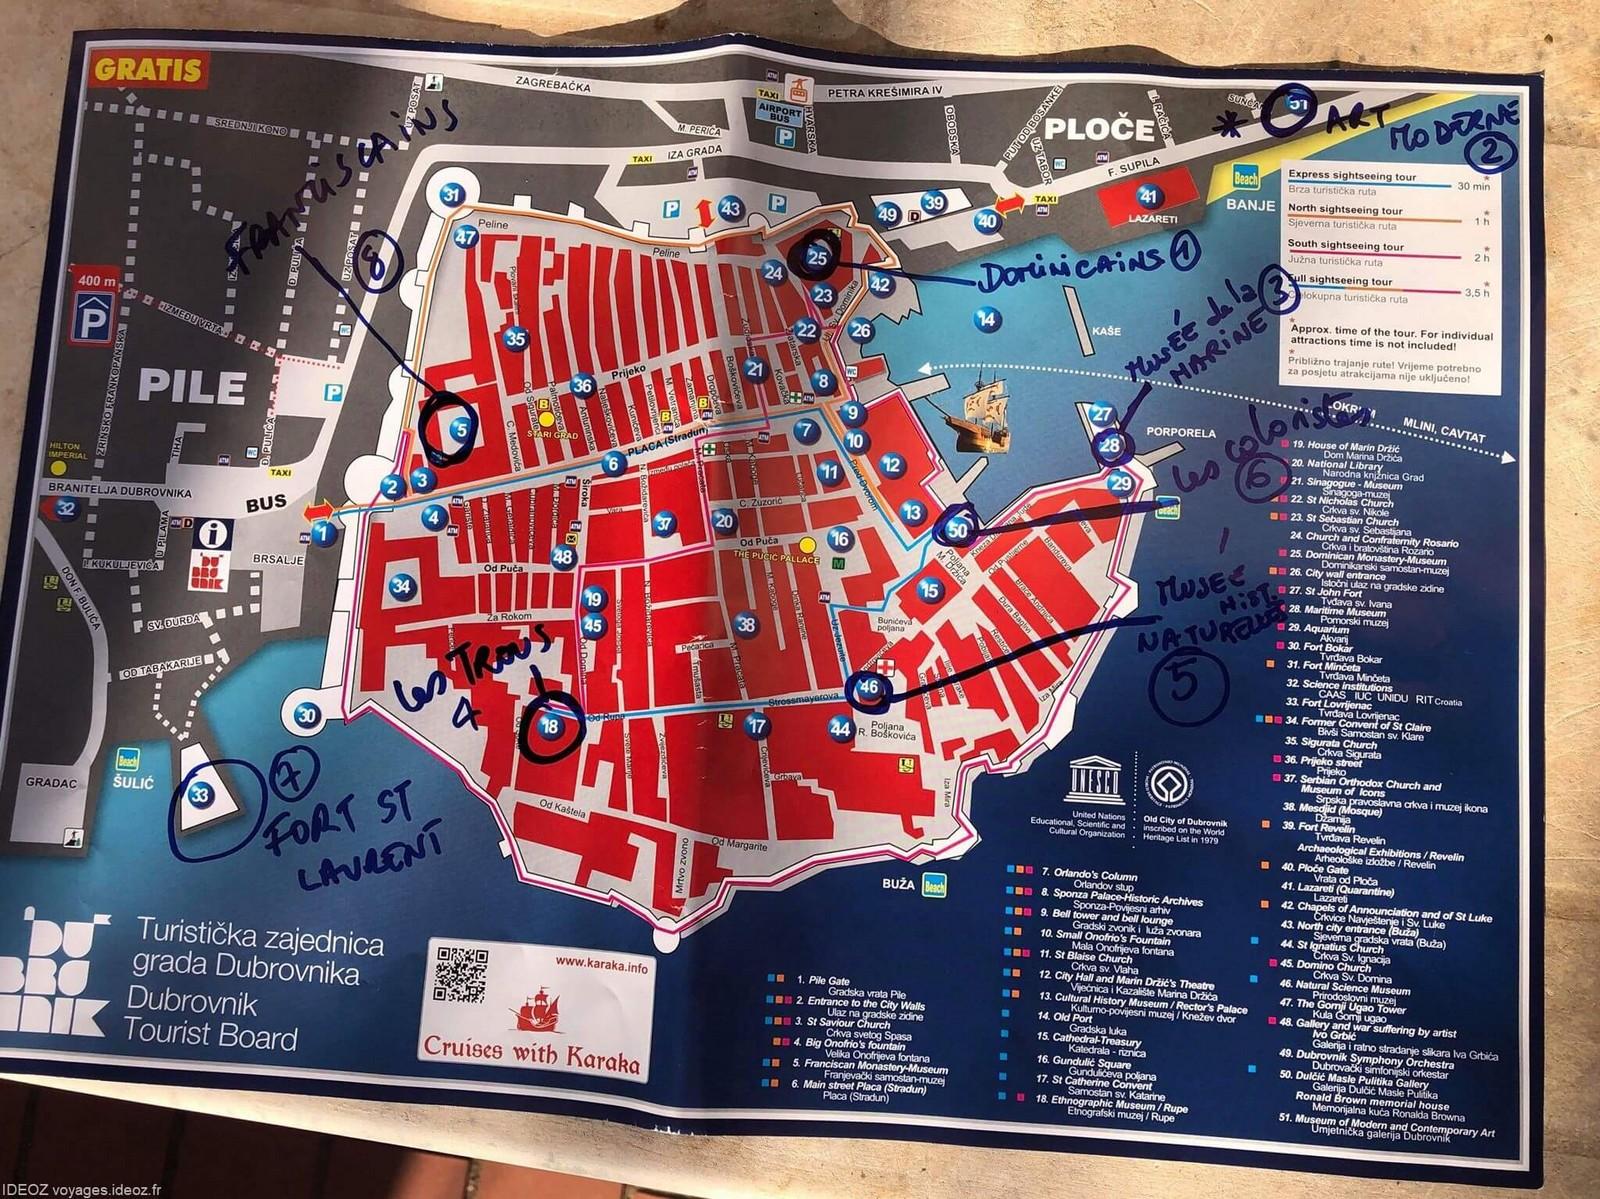 plan de dubrovnik avec les visites conseillées pour éviter les foules de touristes dans la vieille ville de Dubrovnik